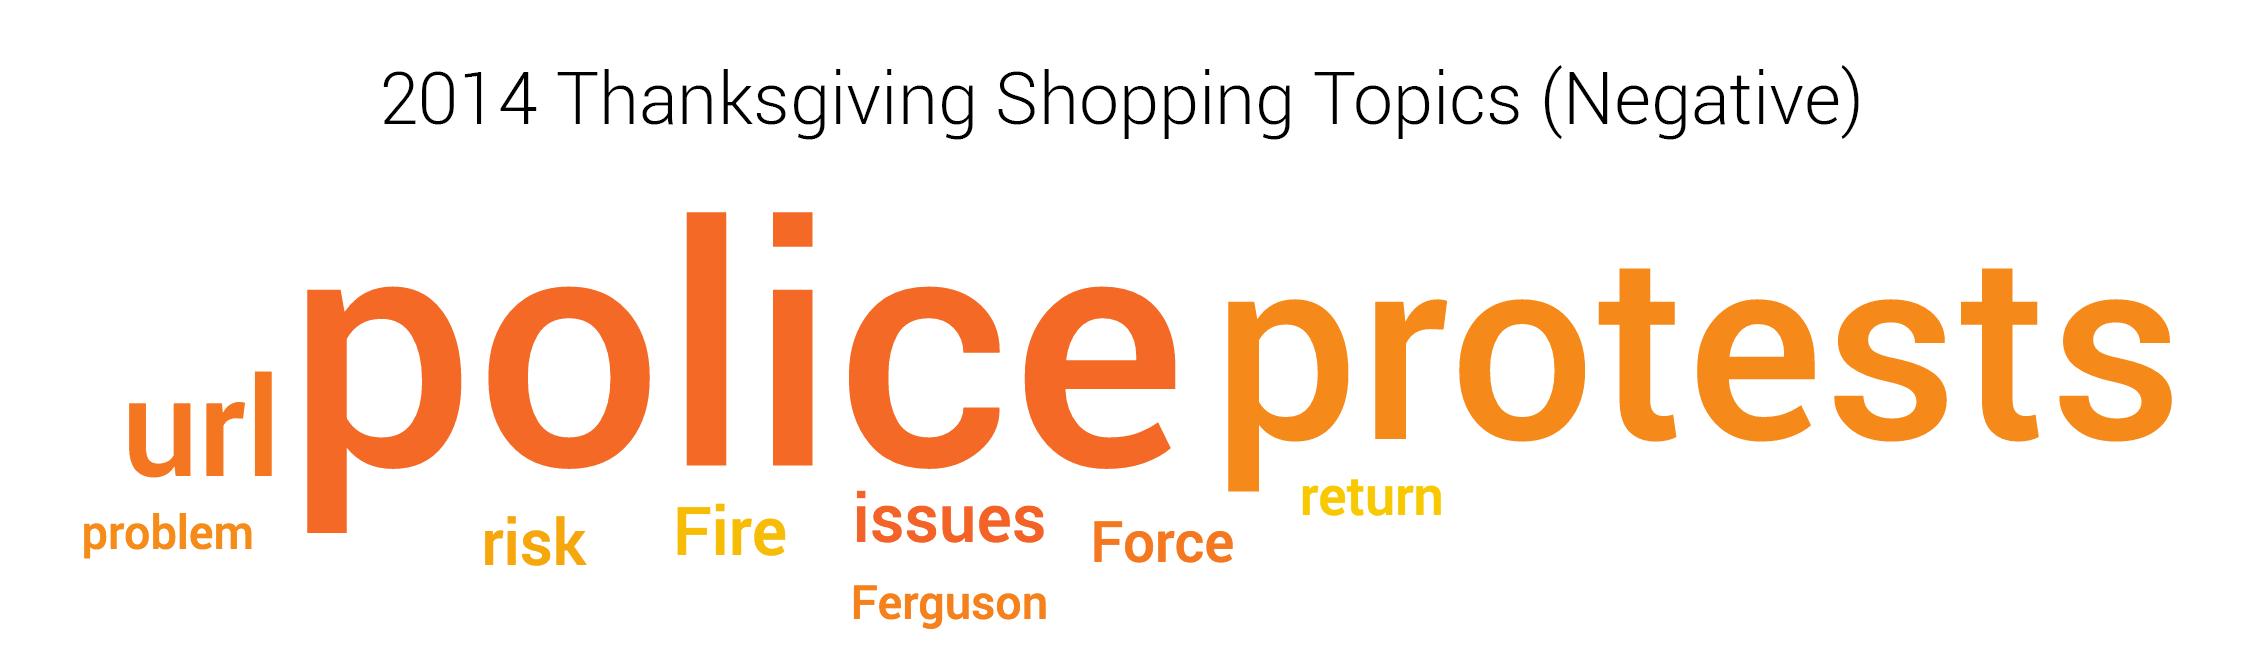 black friday deals negative topics